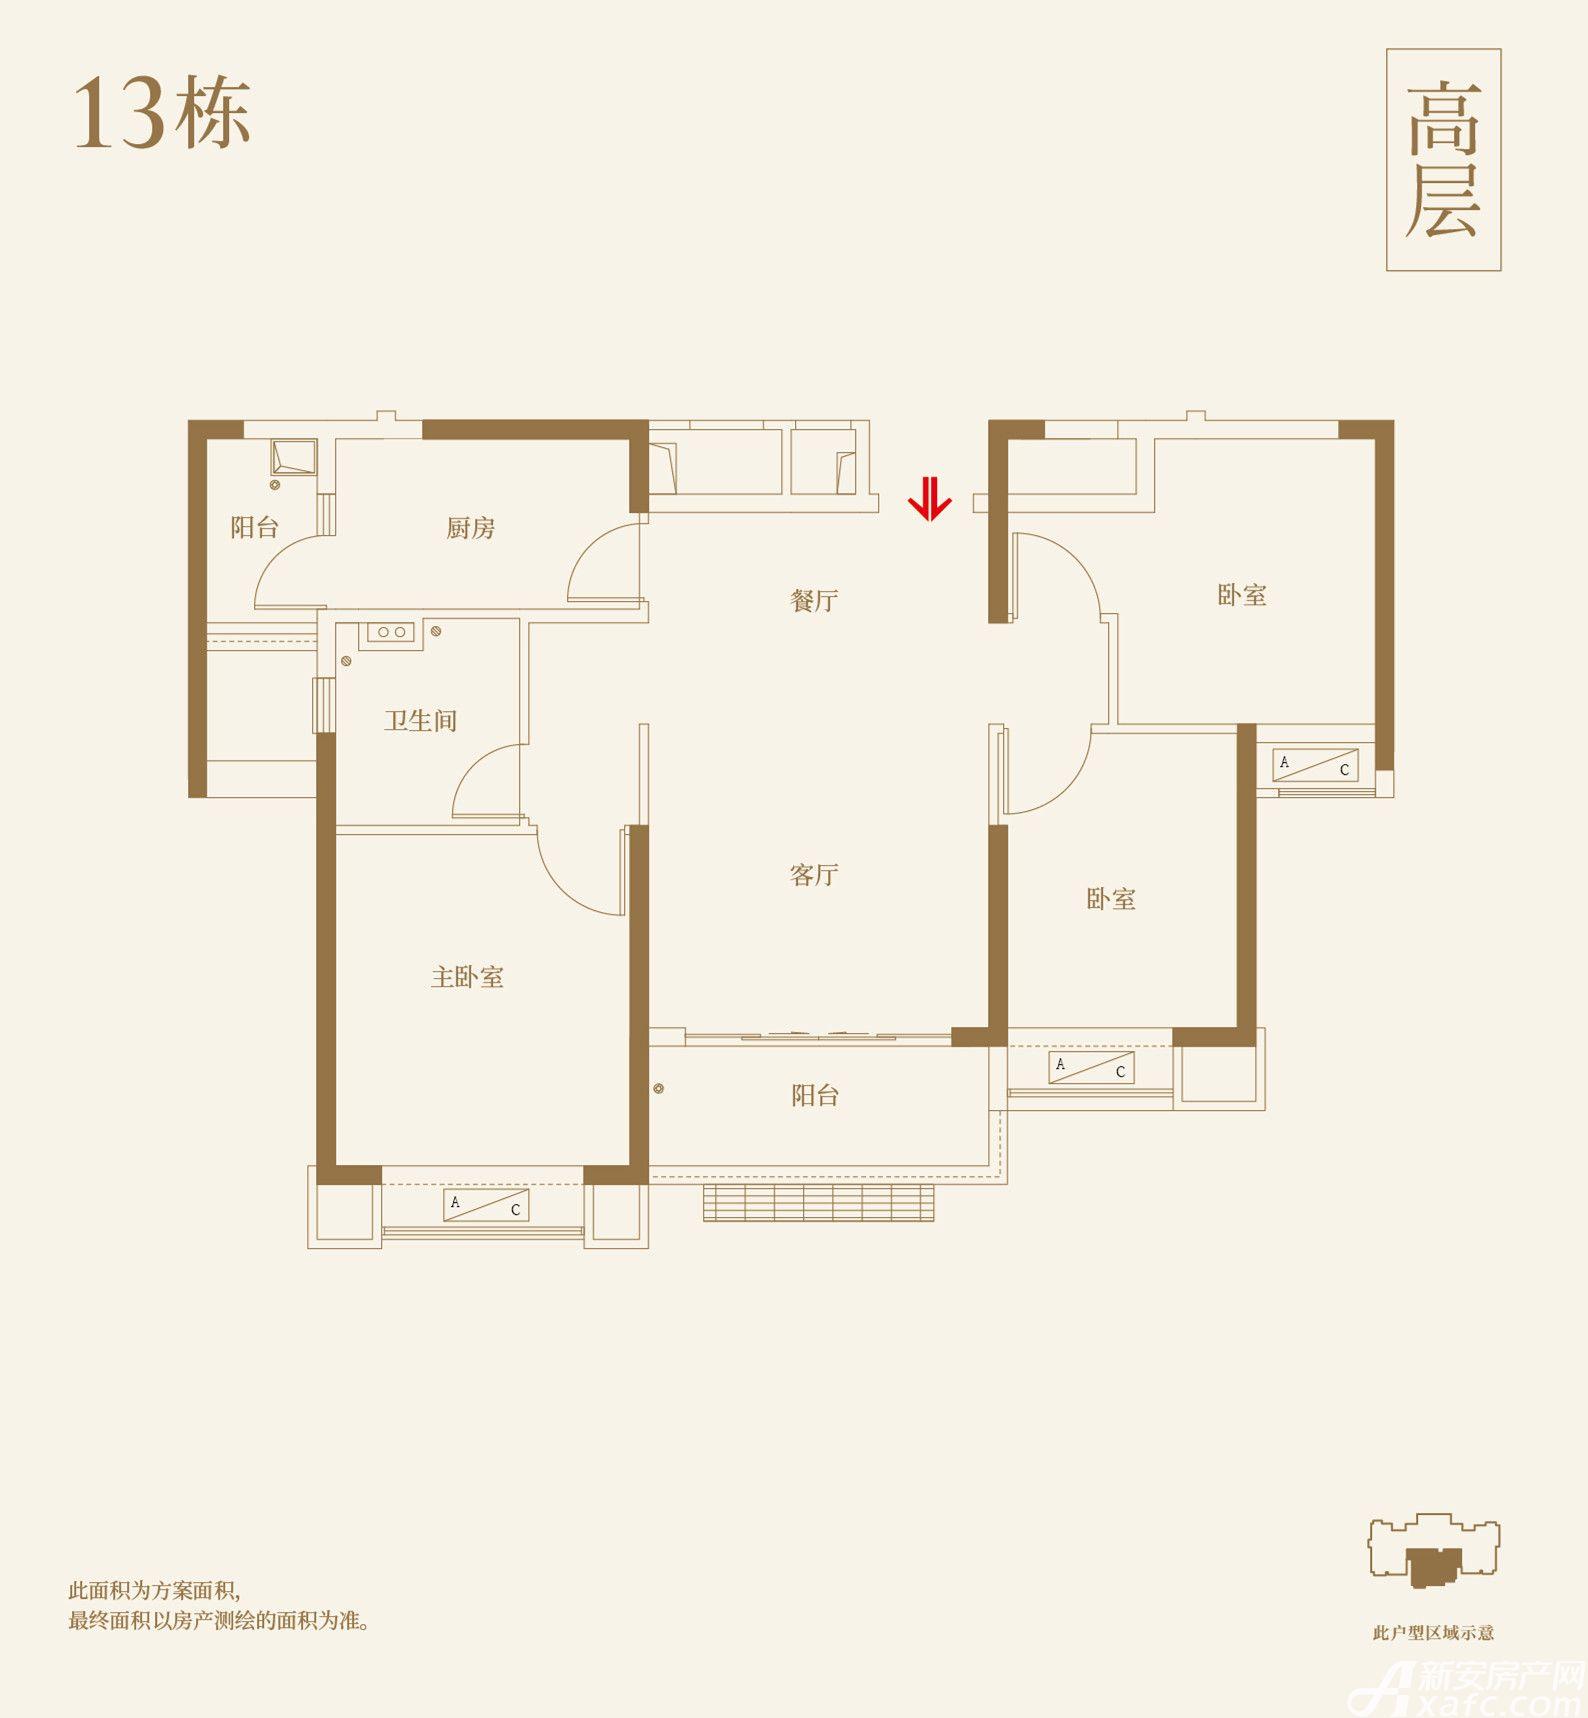 恒大御府13#B3室2厅99.37平米